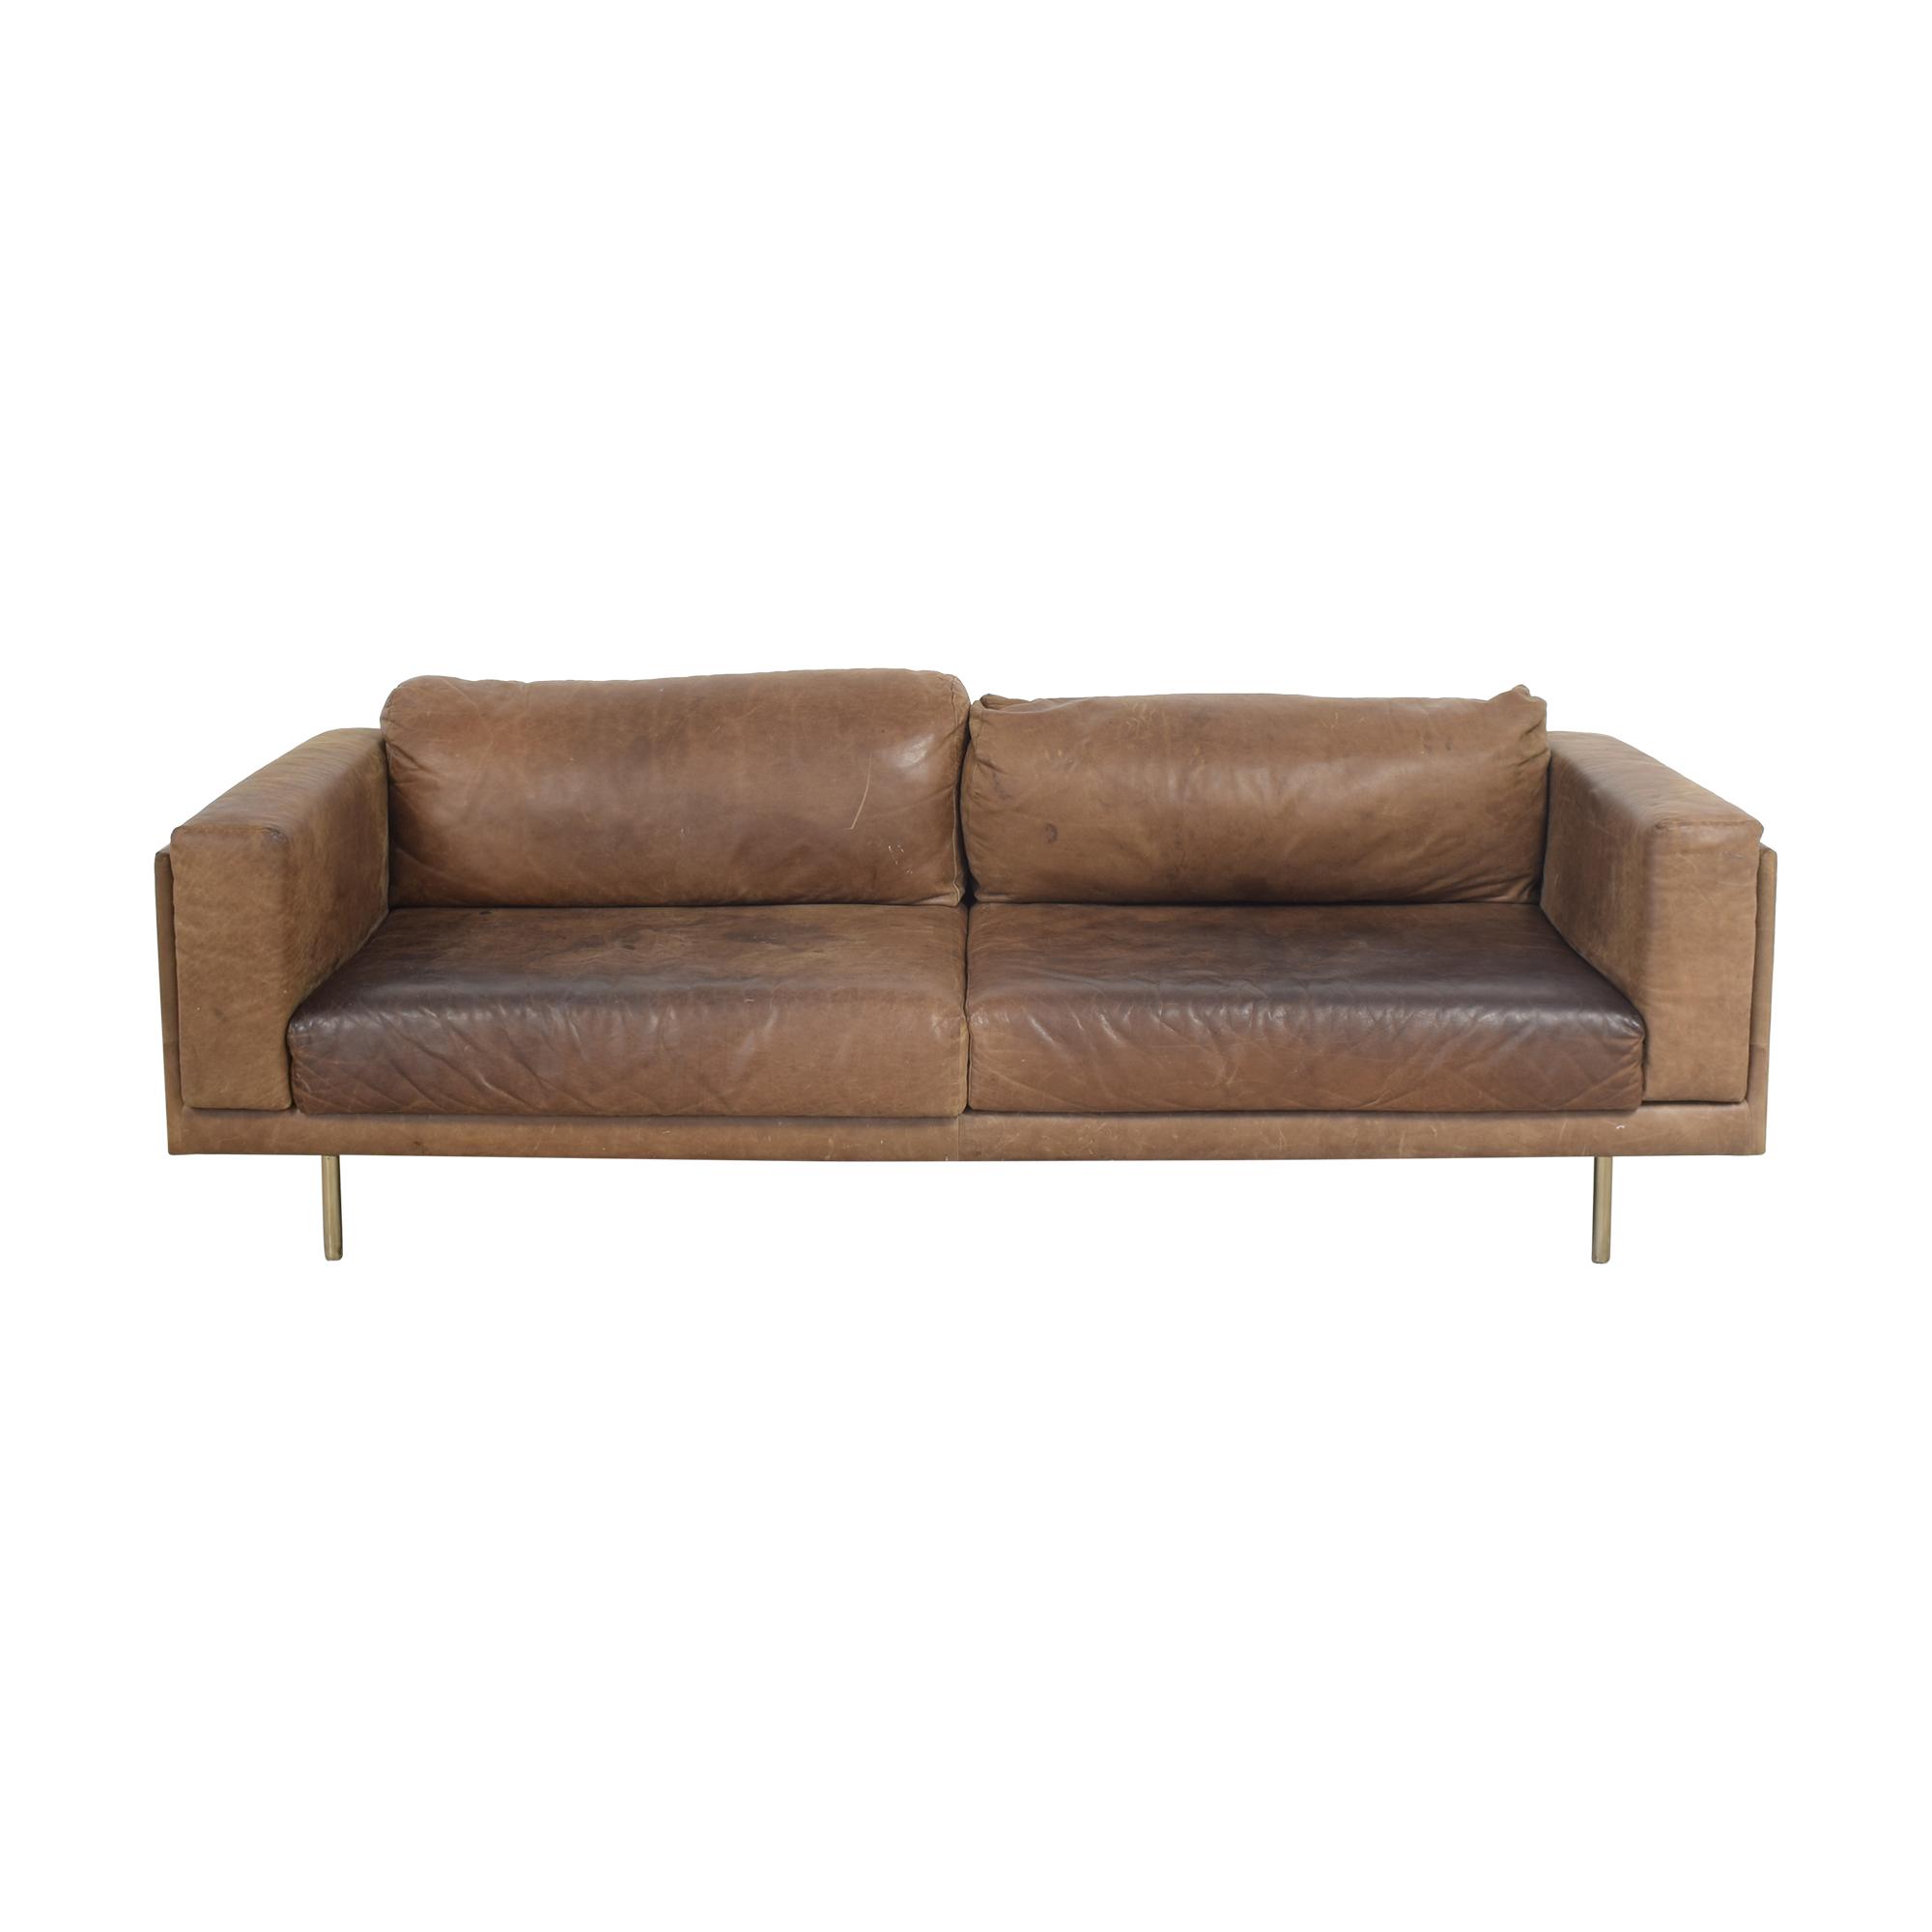 West Elm Dempsey Sofa sale